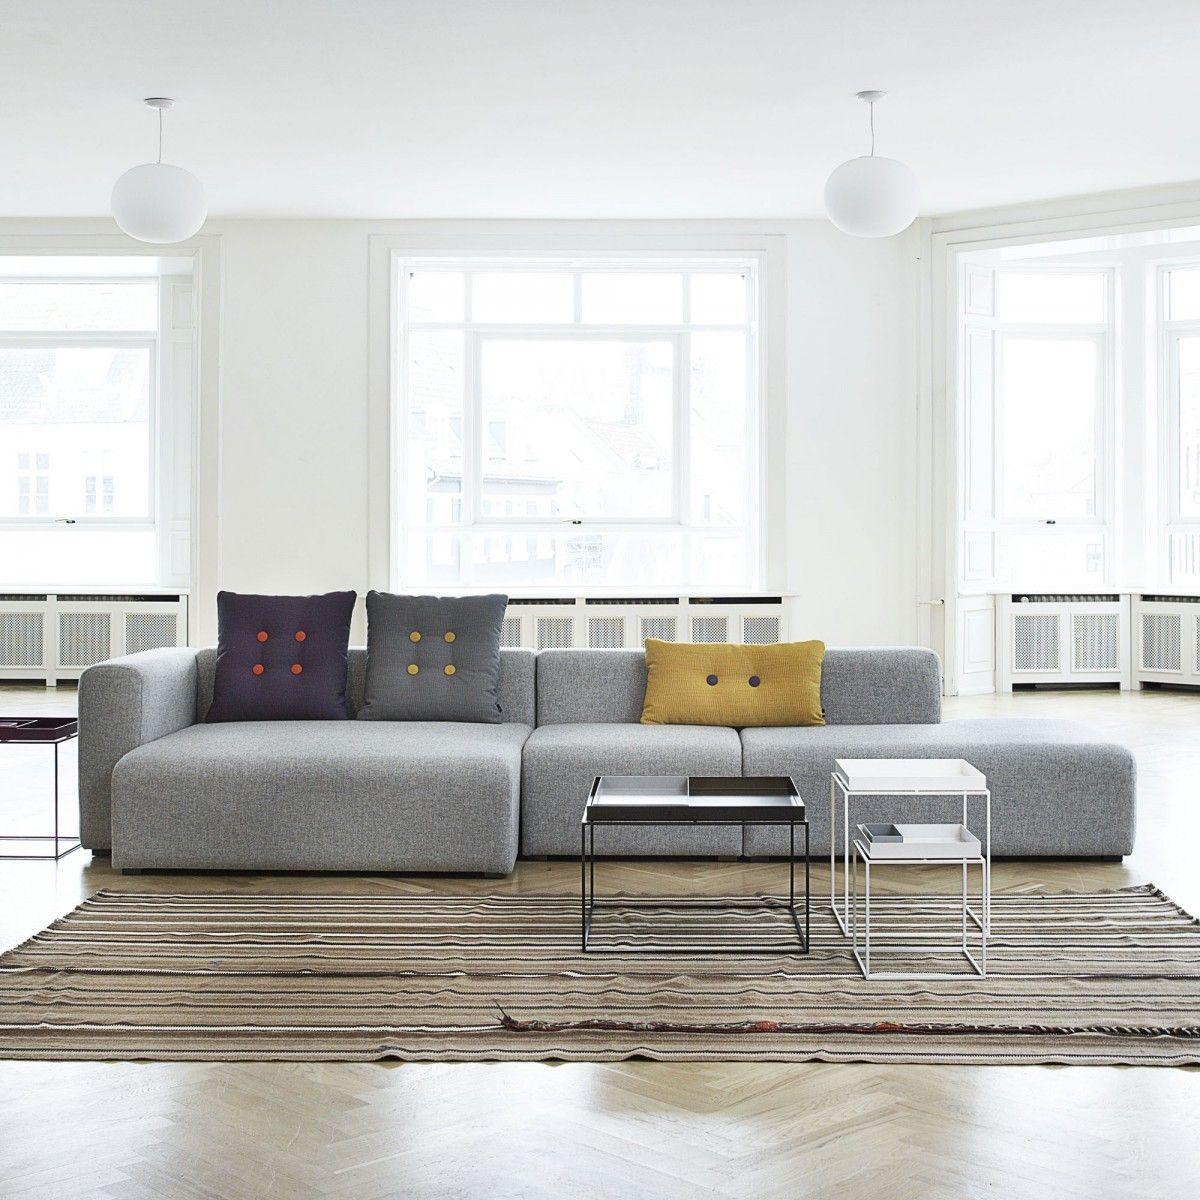 Canape Mags 02 Hay Design Interieur Salon Amenagement Salon Mobilier Design